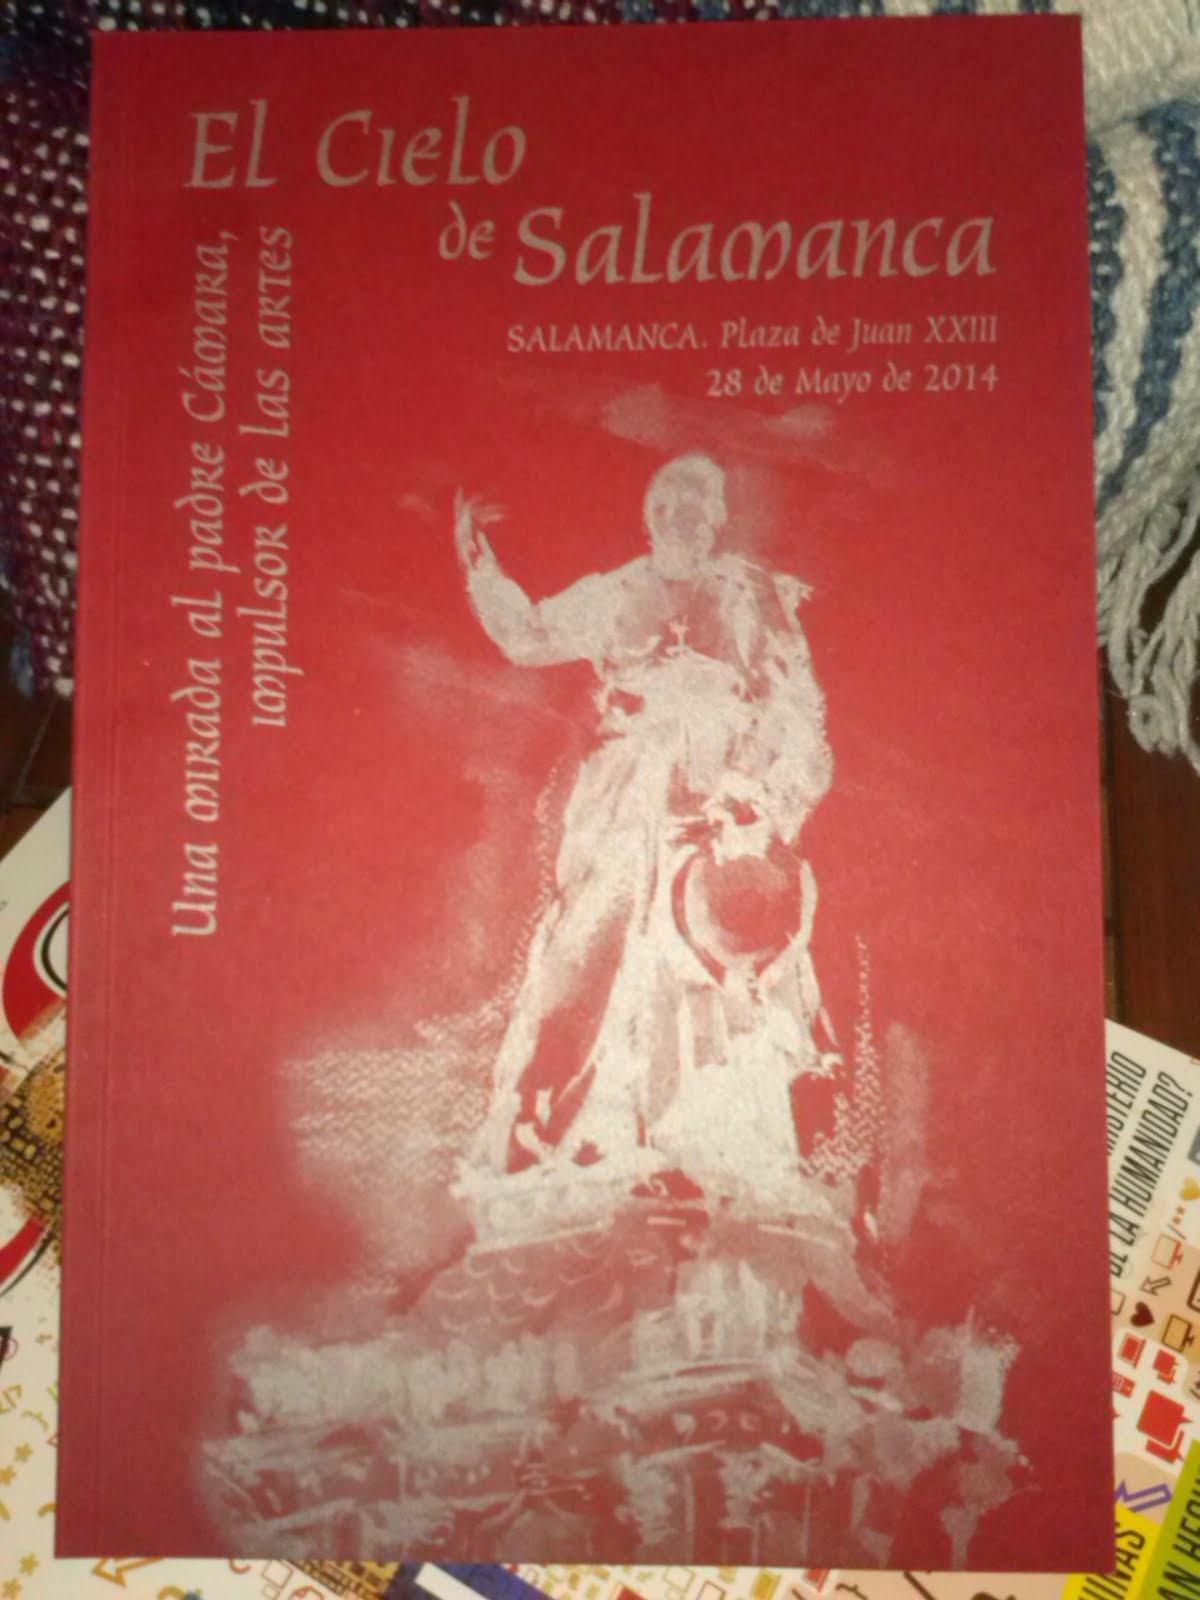 El Cielo de Salamanca 2014